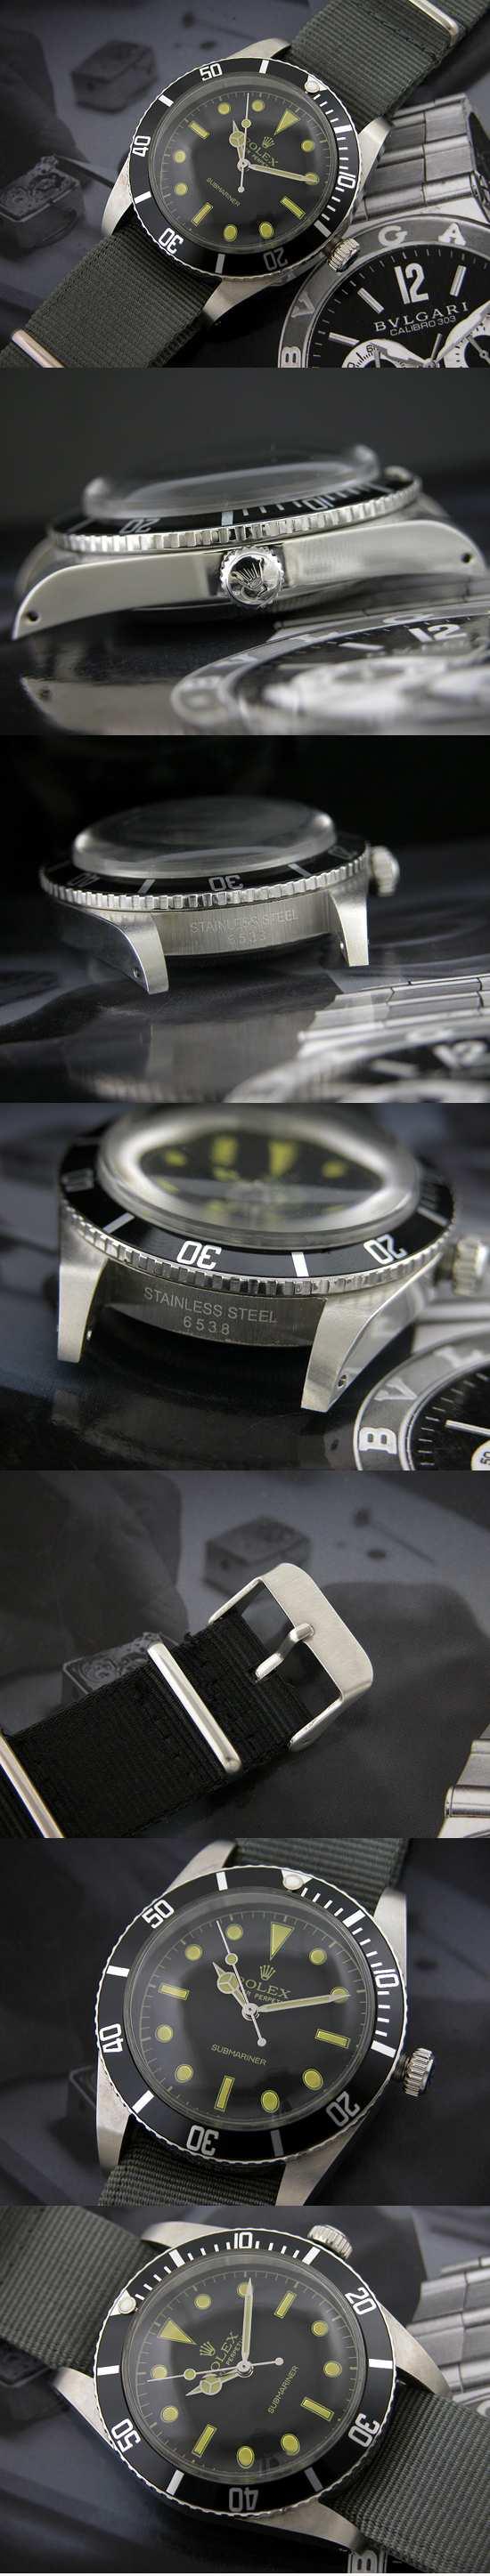 おしゃれなブランド時計がロレックス-サブマリーナ-ROLEX-16610-32-男性用を提供します.